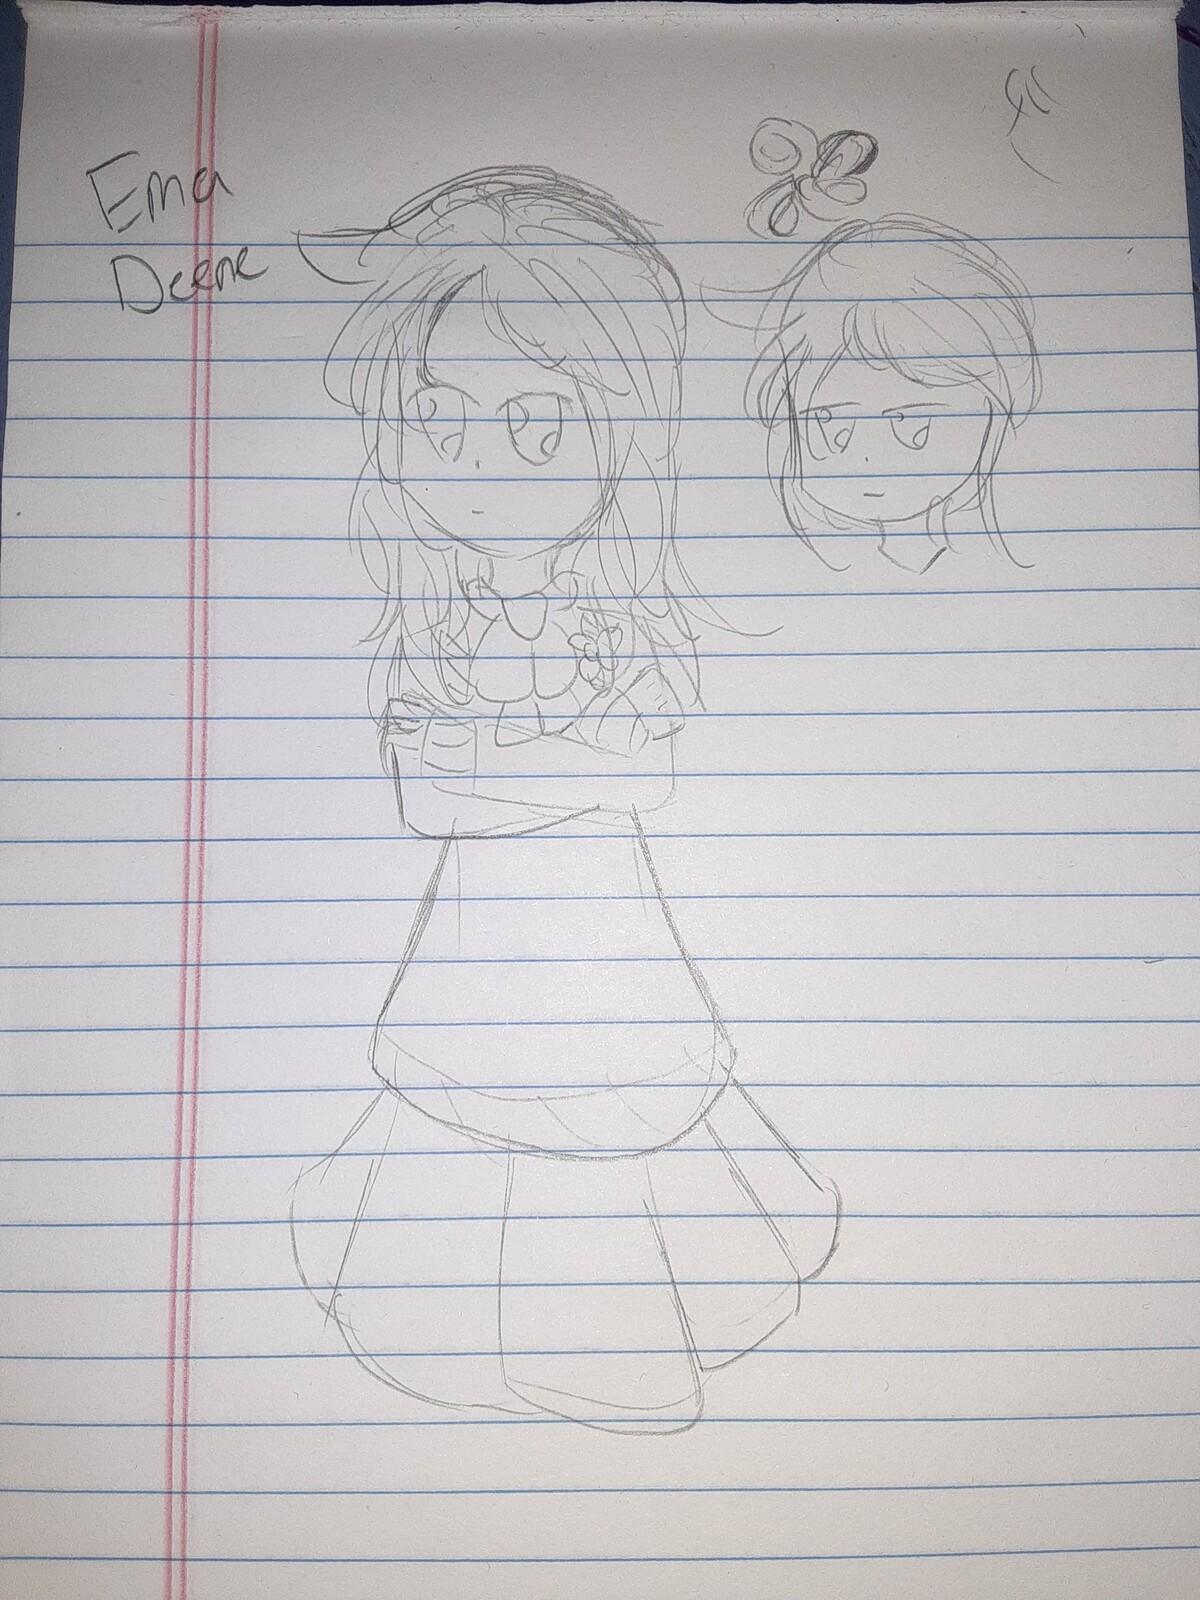 Concept art for Ema